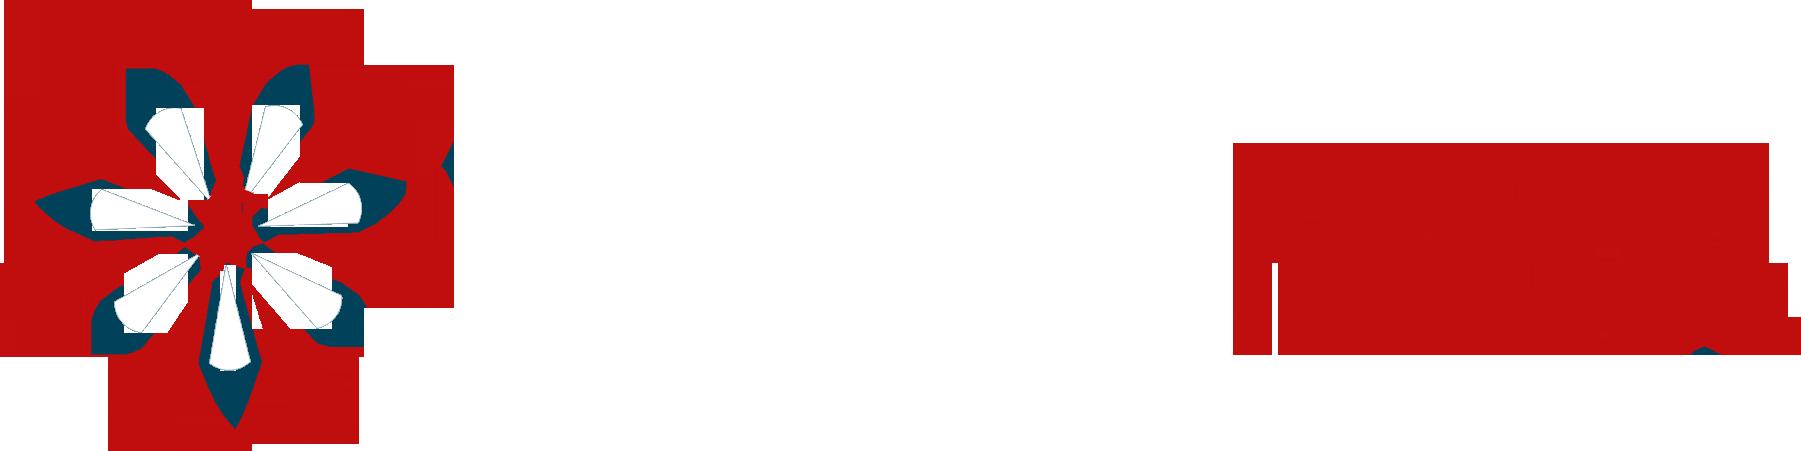 Profit MBA logo white text